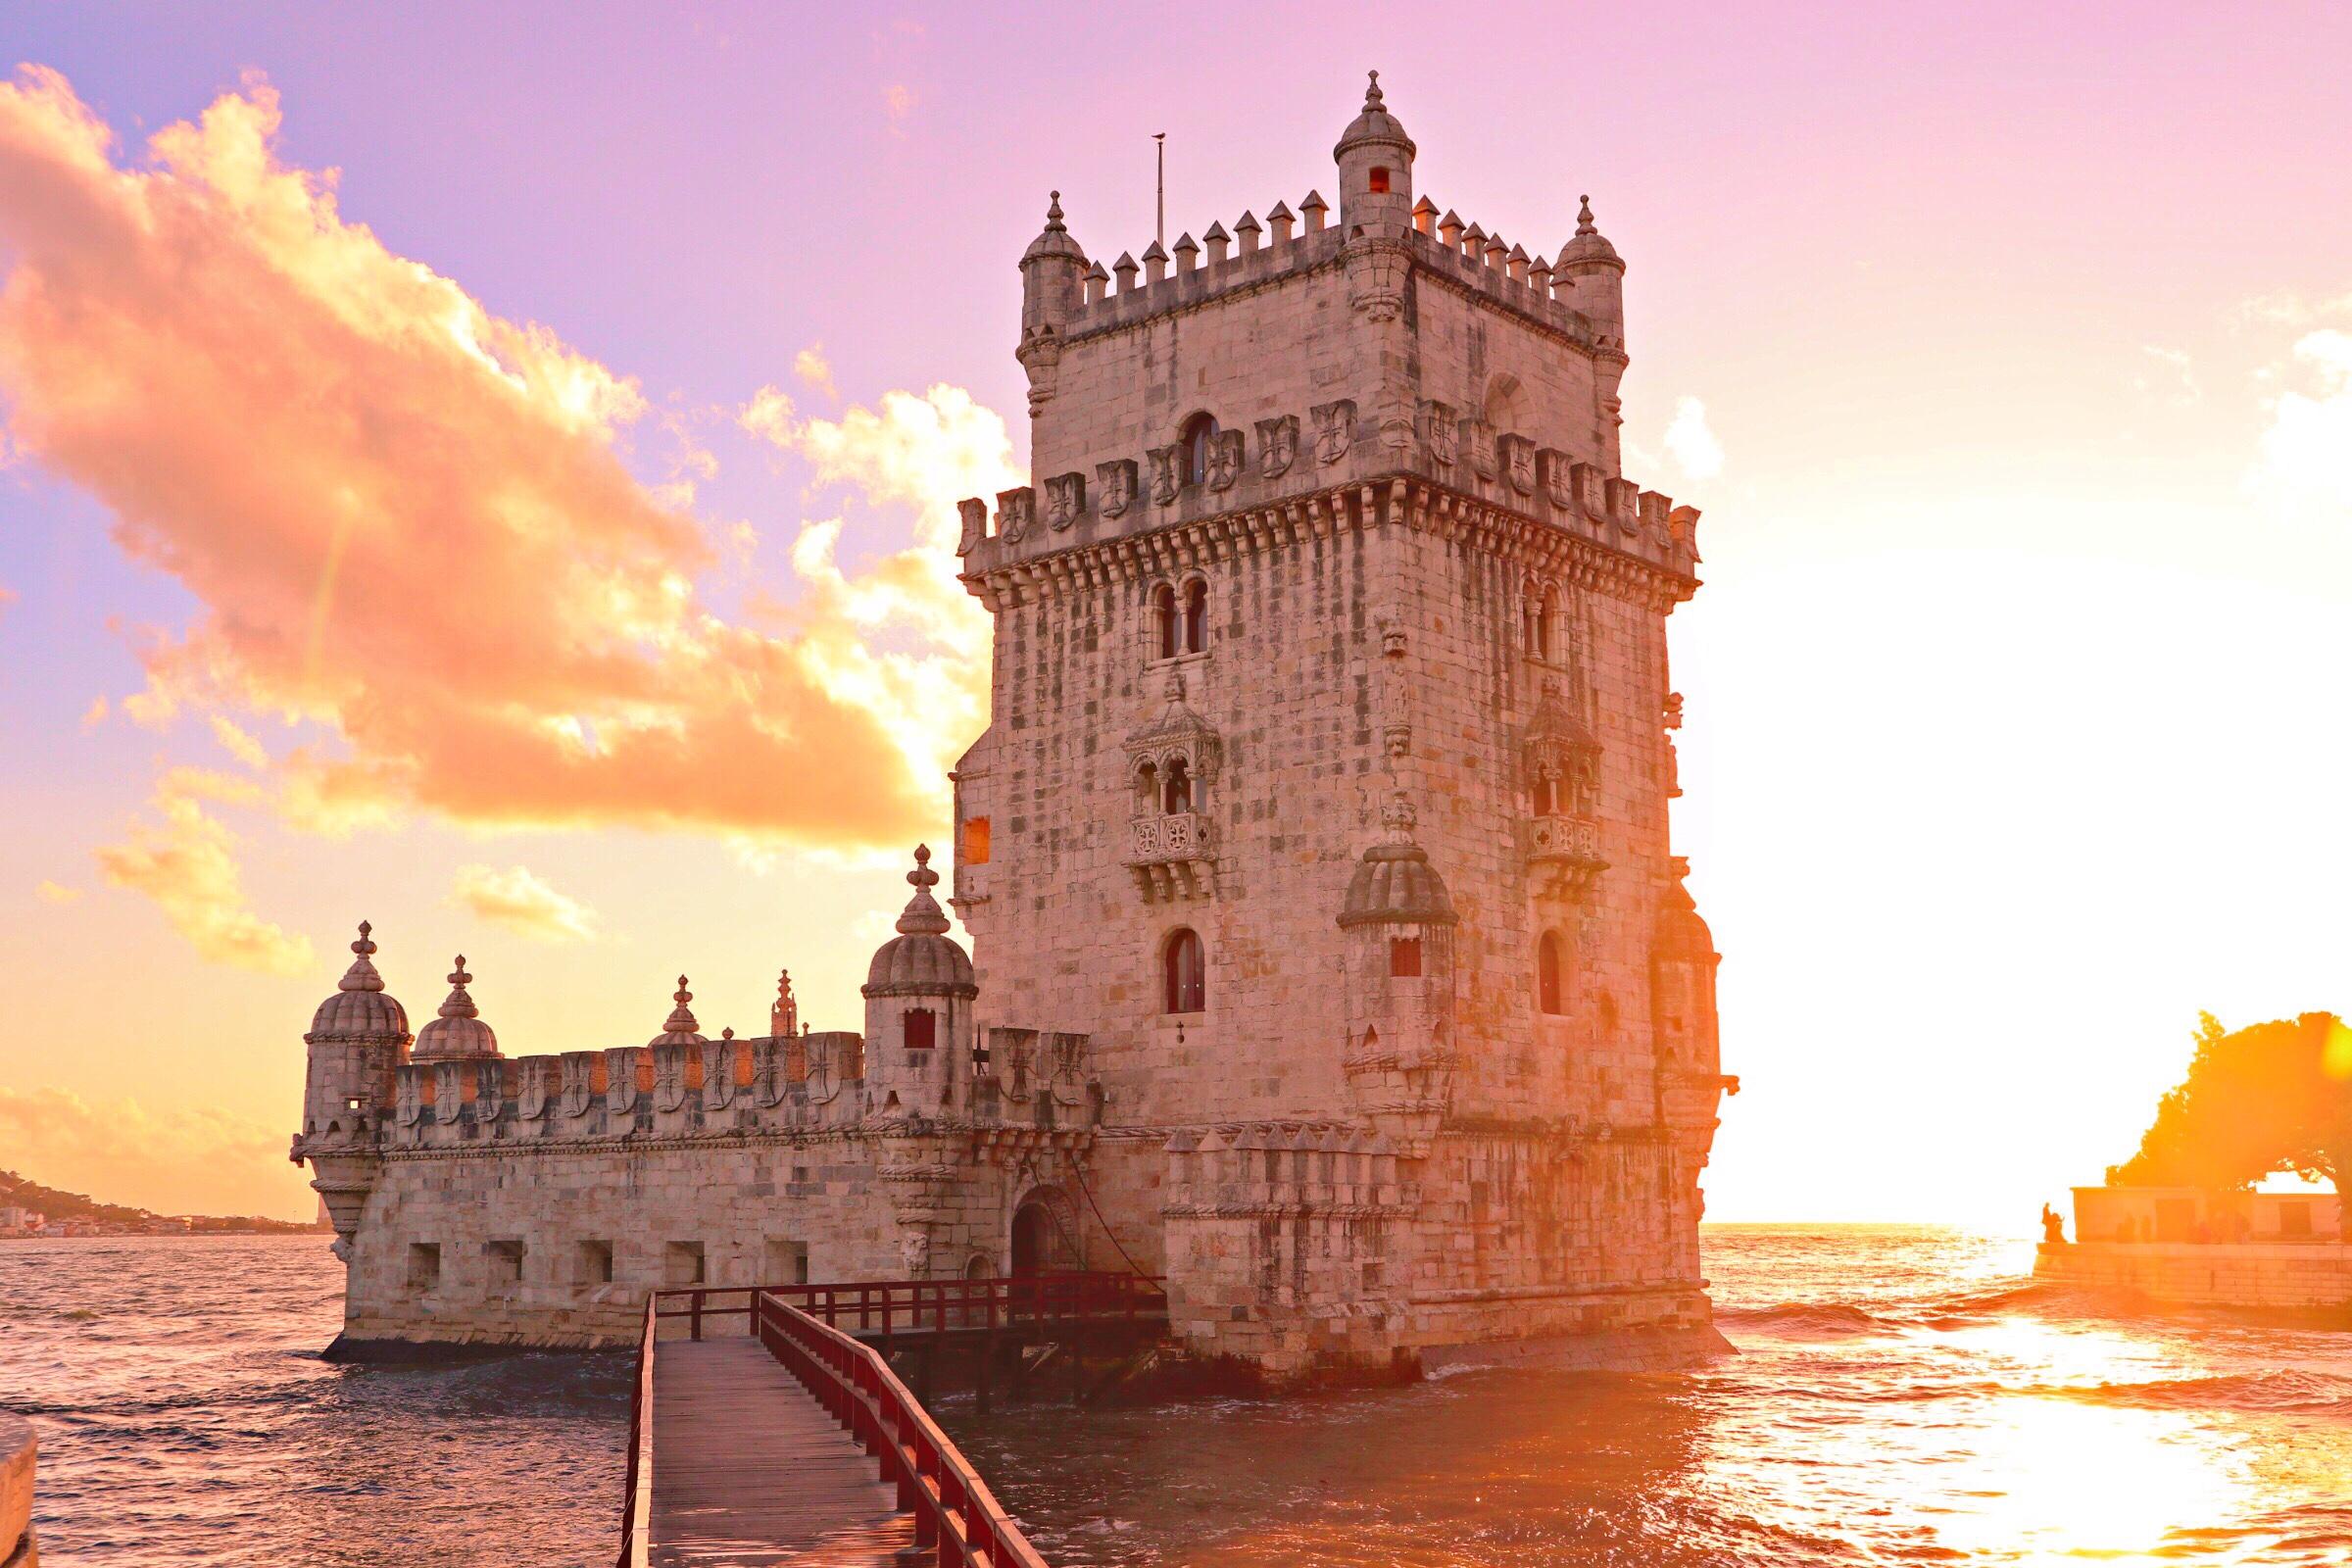 【ポルトガル】リスボンの観光名所、名物料理を満喫!【リスボン】